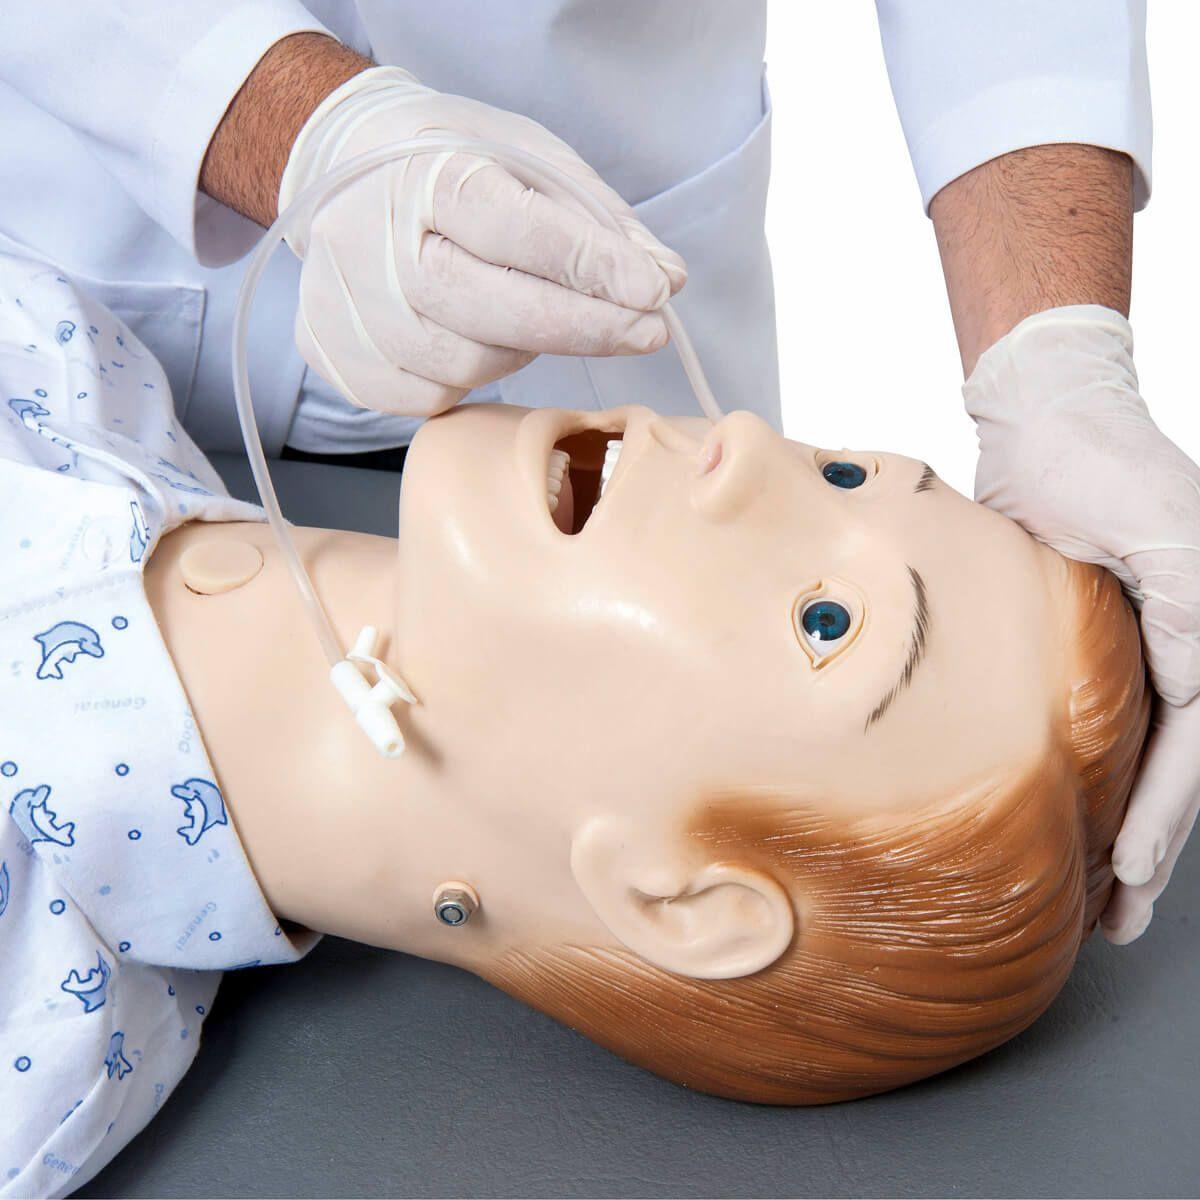 Simulador Manequim Bissexual com Órgãos Internos para Treino de Enfermagem